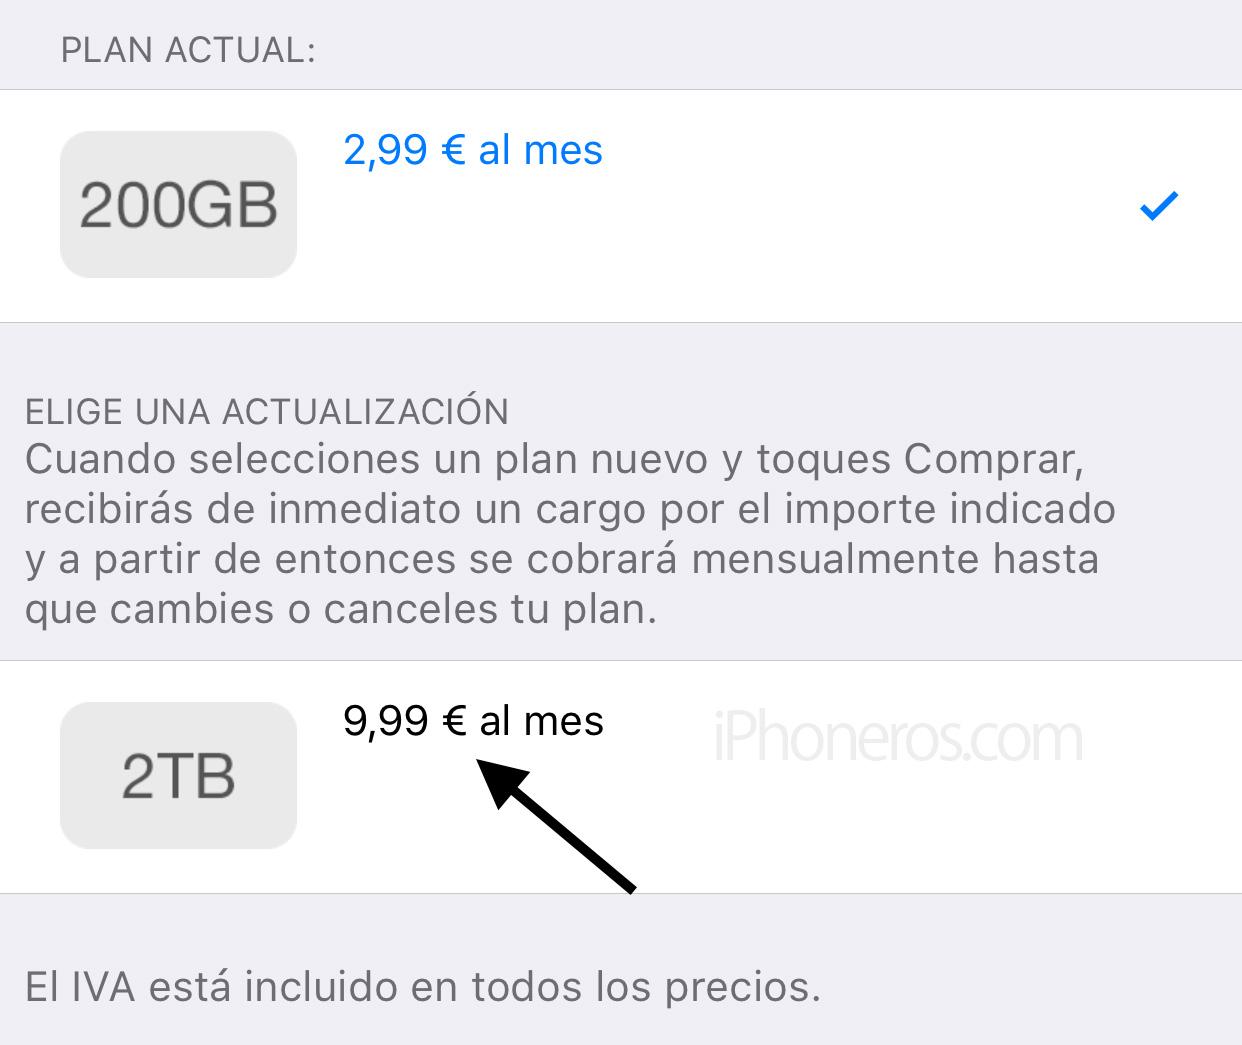 2 TB por 9,99 euros